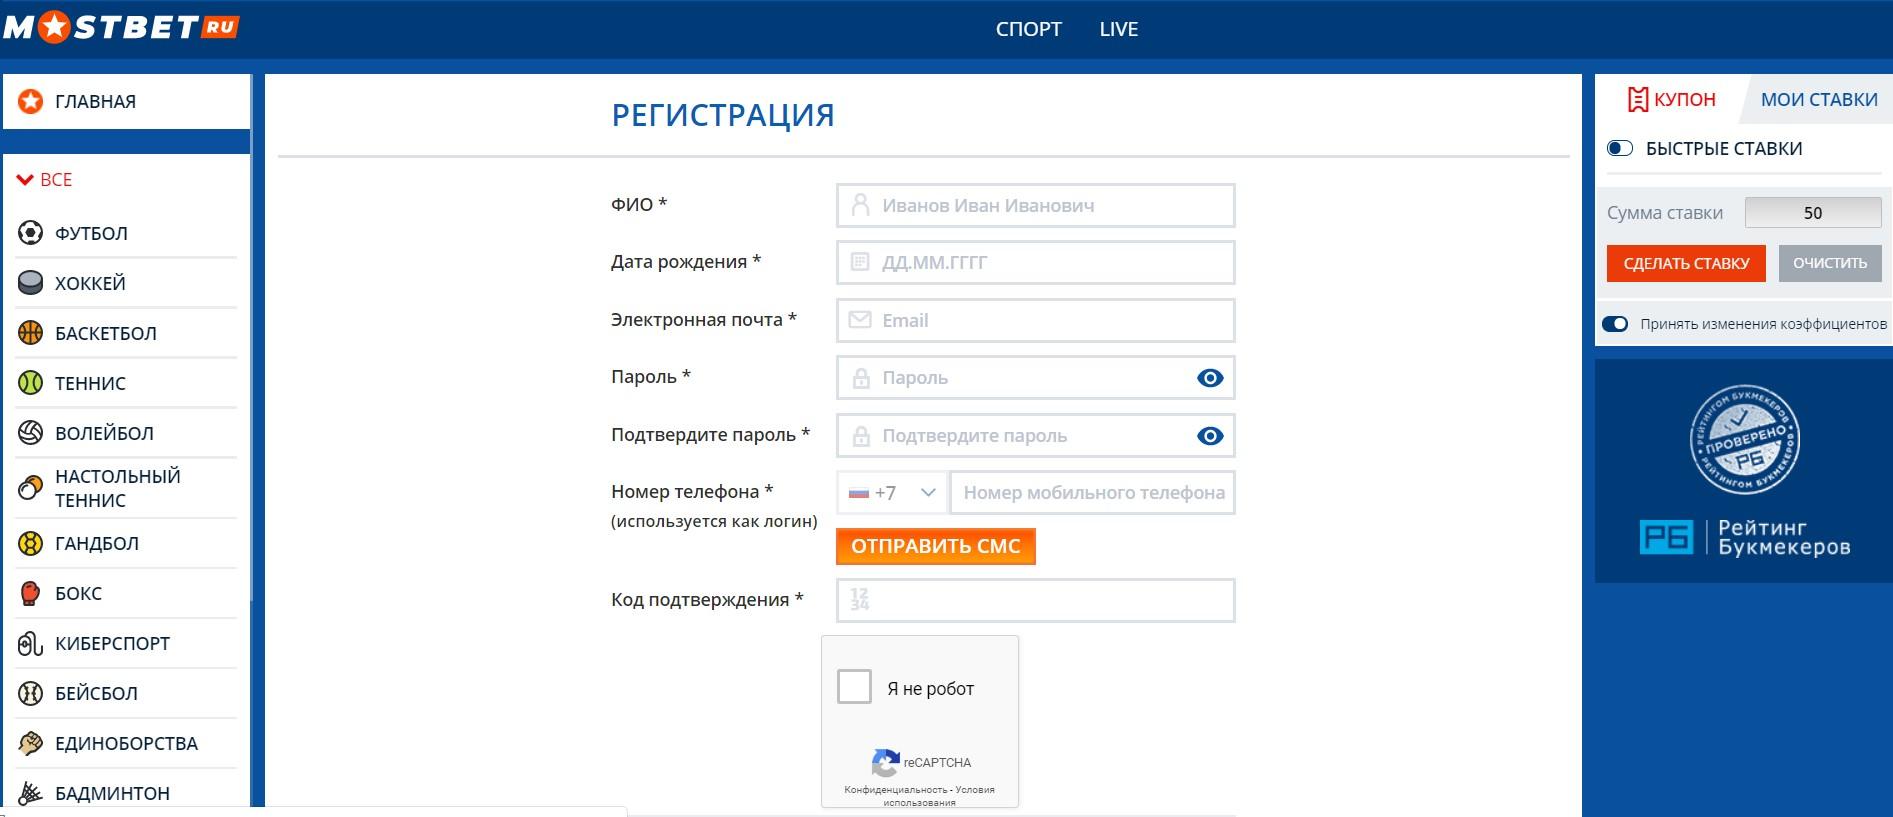 мостбет регистрация